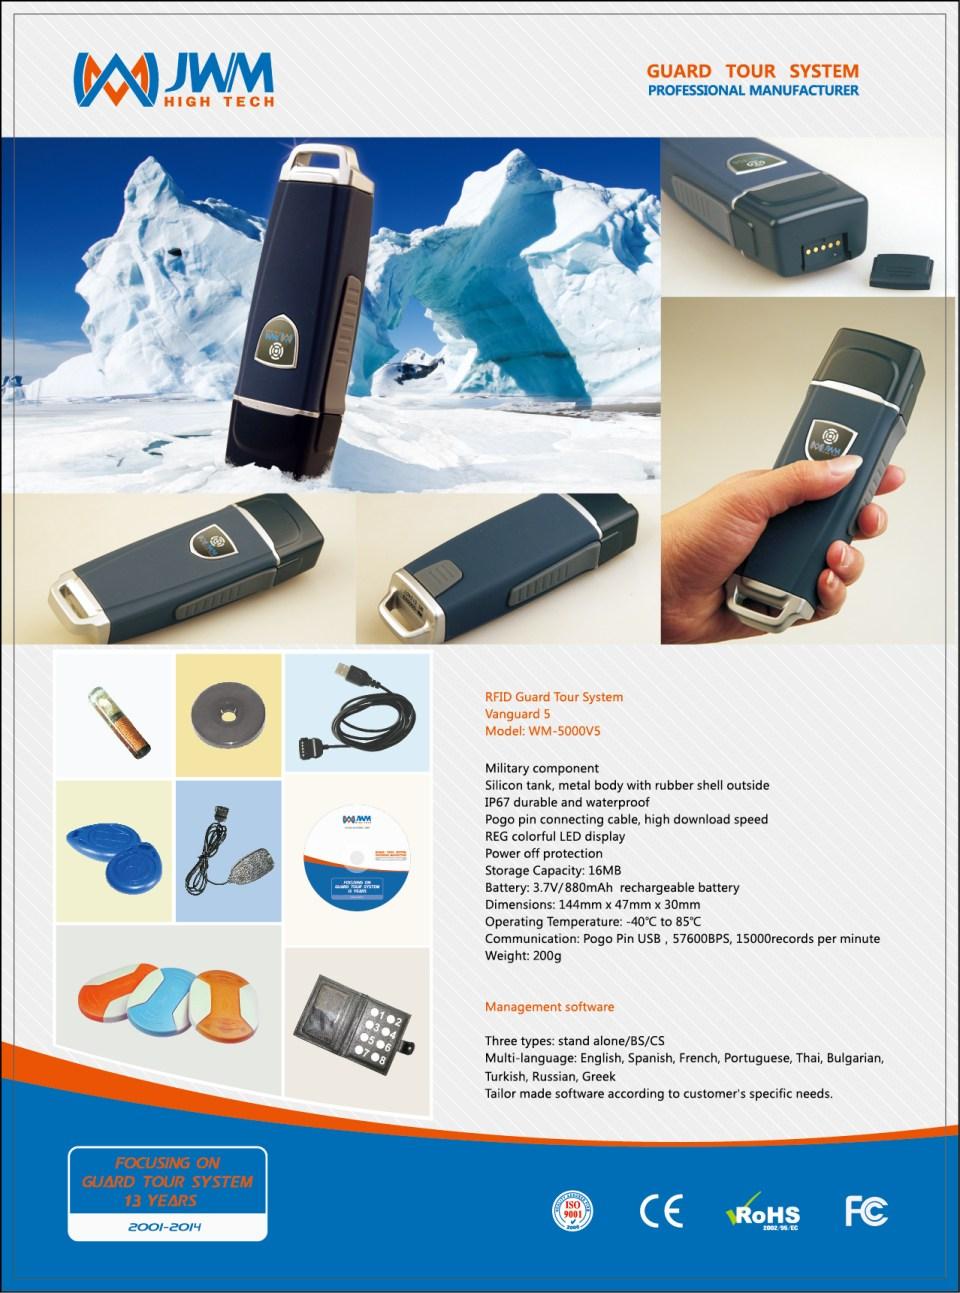 Guard Tour System wm-5000v5